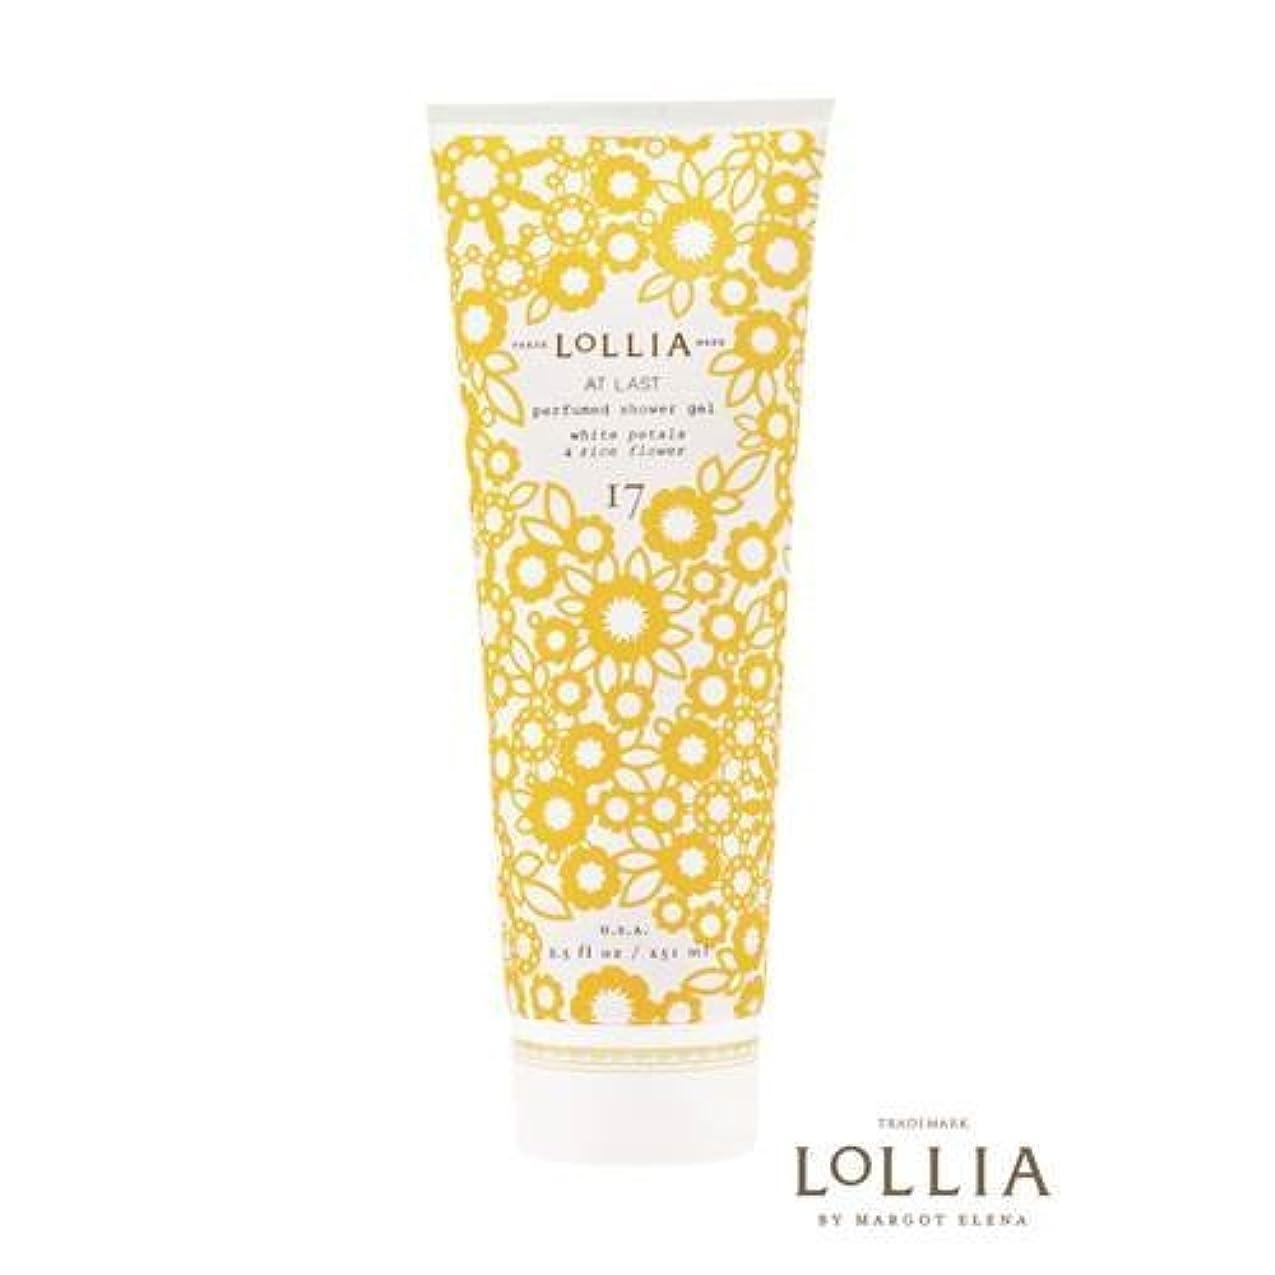 ロリア(LoLLIA) パフュームドシャワージェル AtLast 251ml(全身用洗浄料 ボディーソープ ライスフラワー、マグノリアとミモザの柔らかな花々の香り)